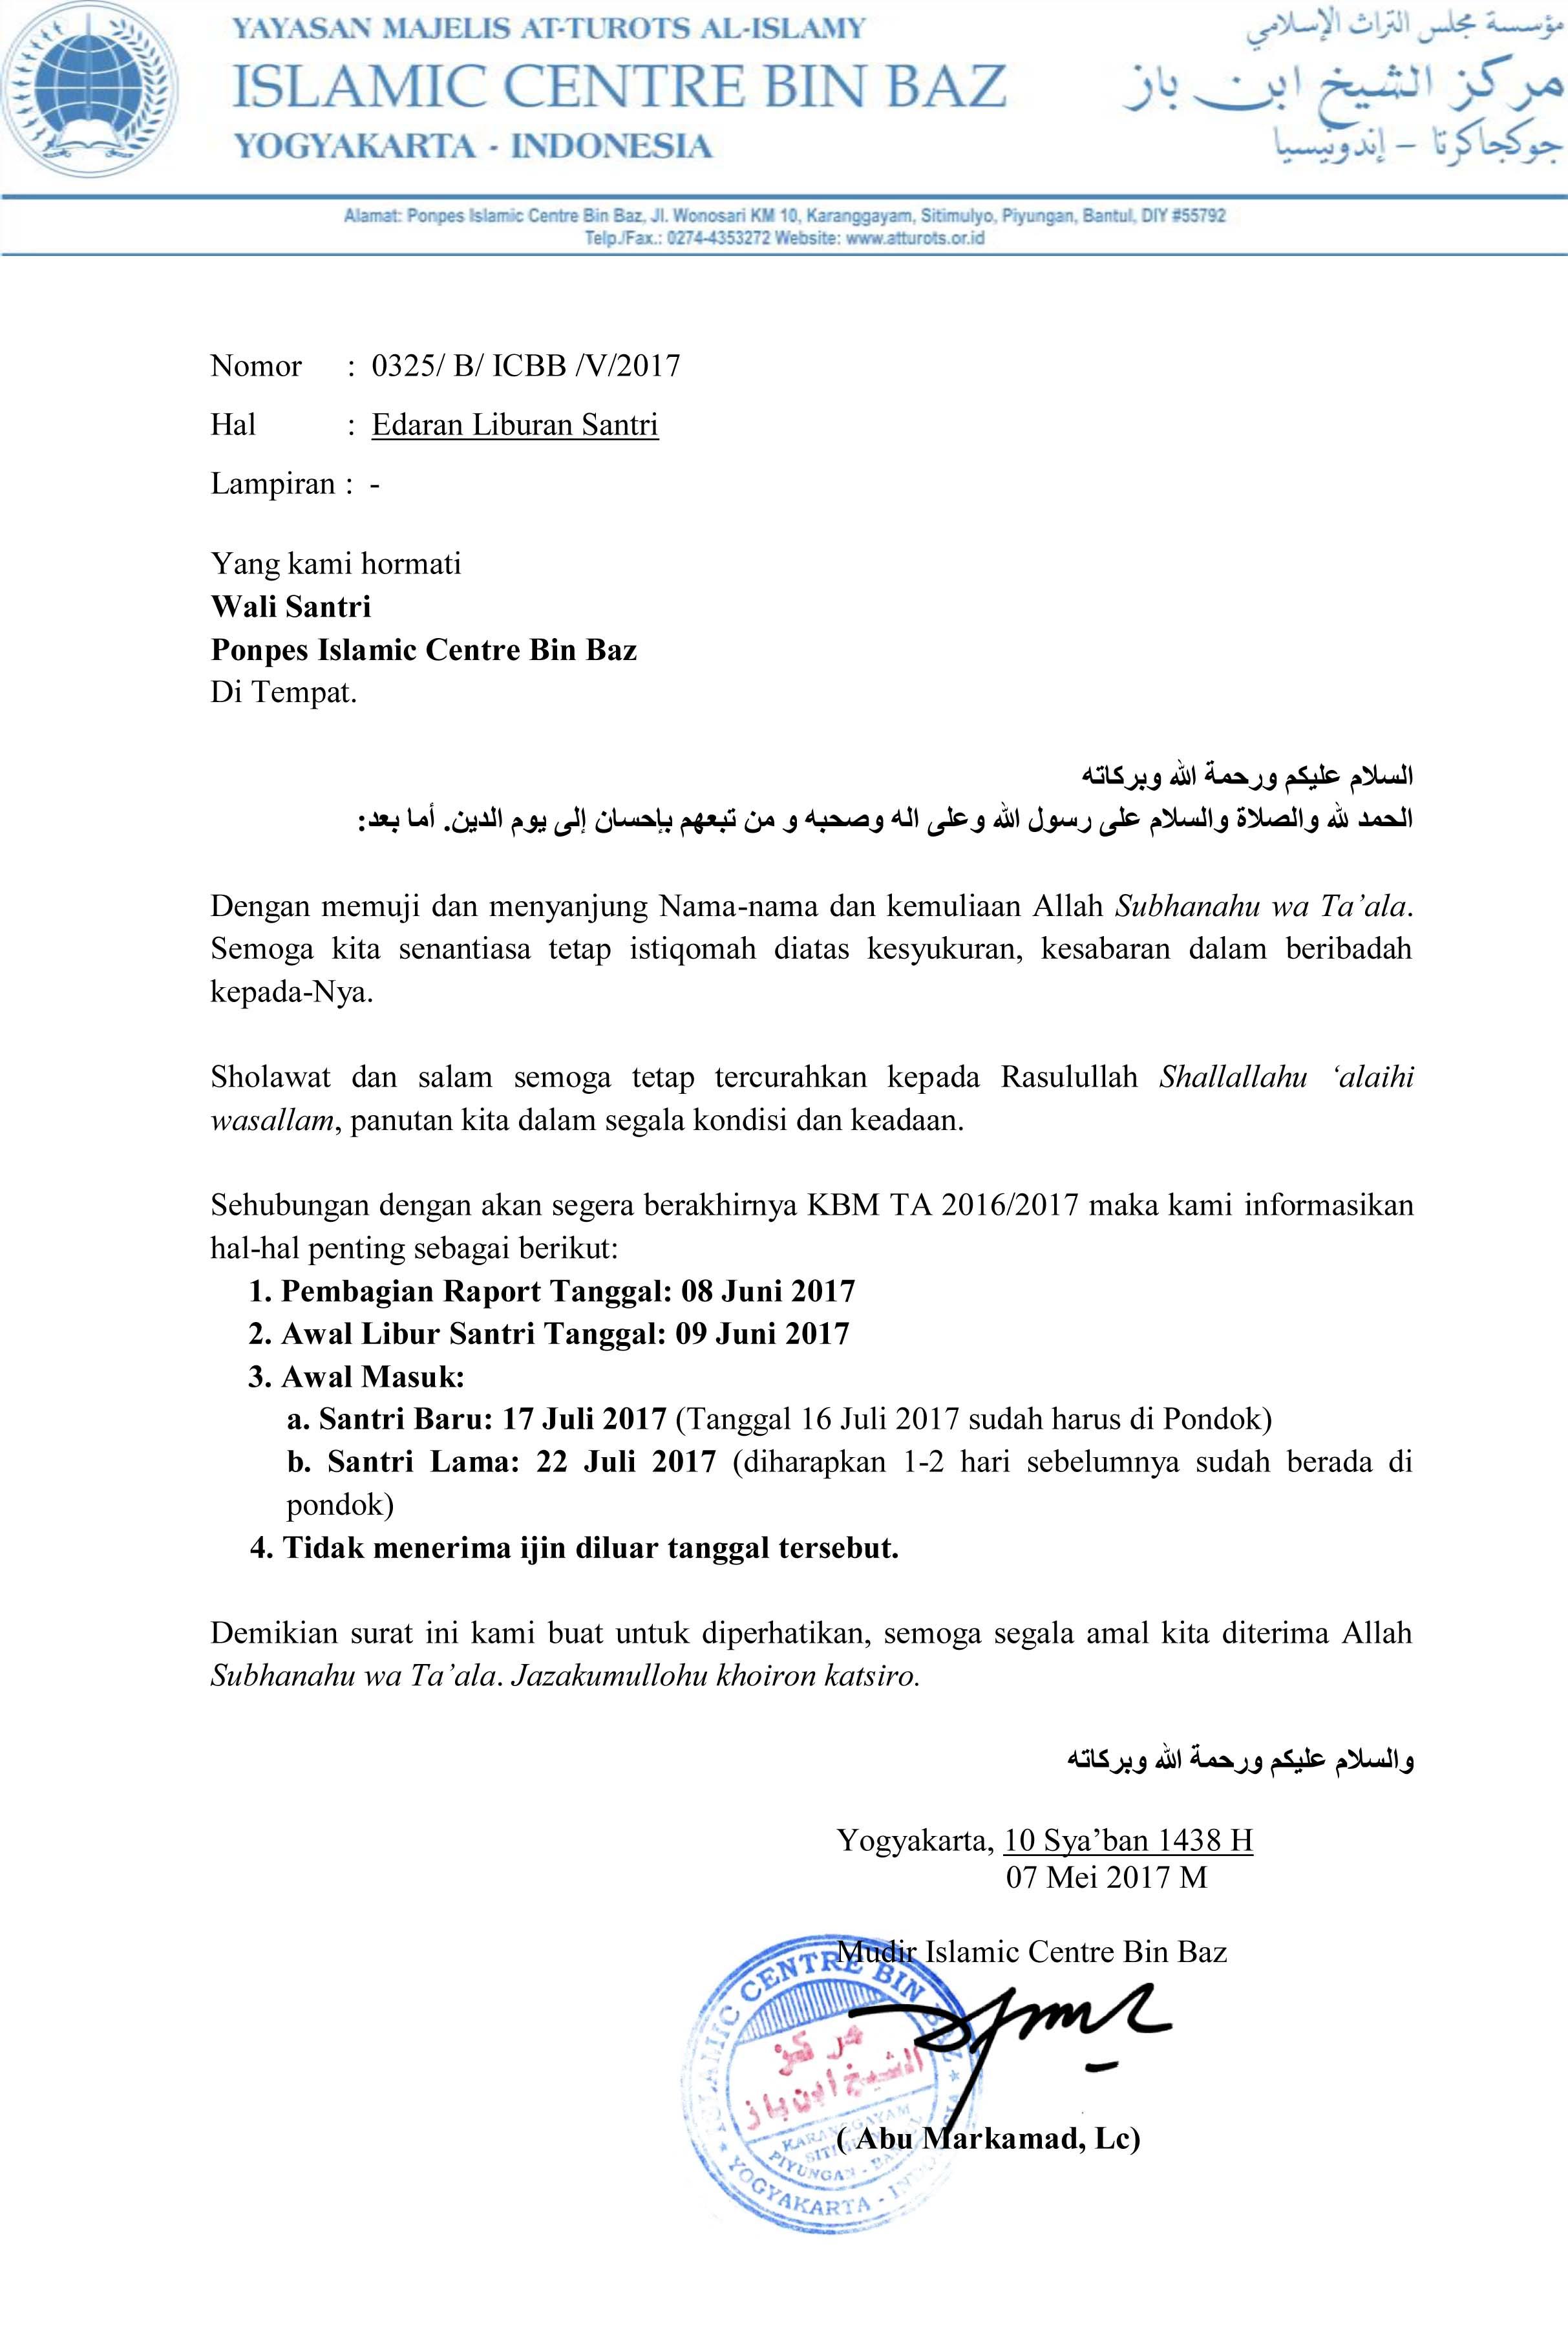 Surat Edaran Untuk Wali Santri Icbb